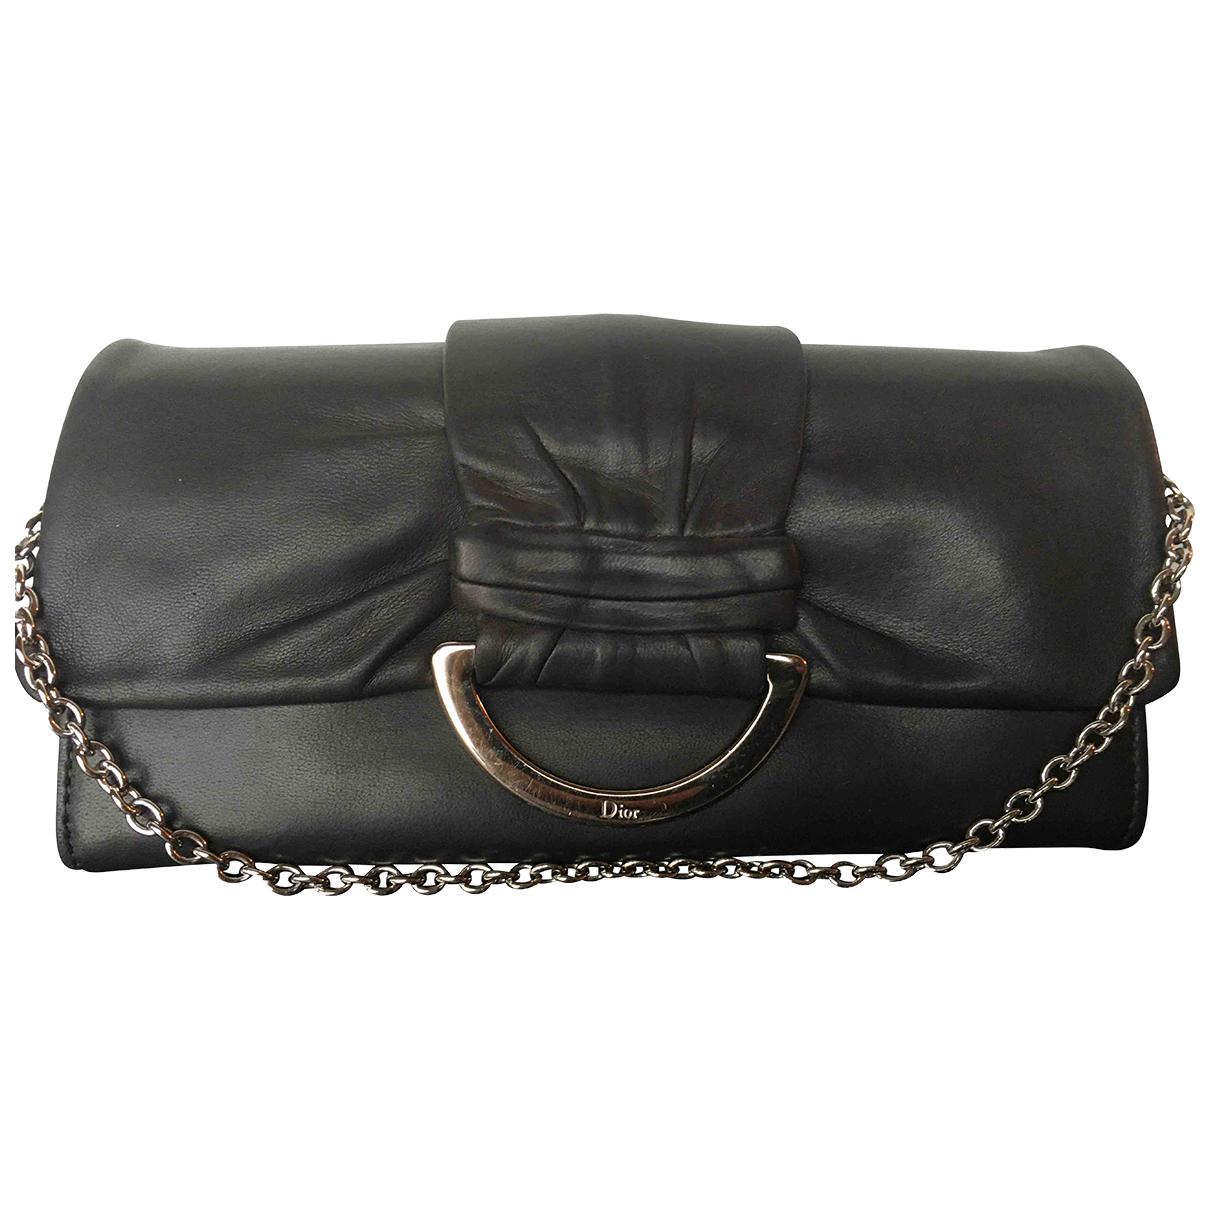 Dior - Pochette   pour femme en cuir - anthracite